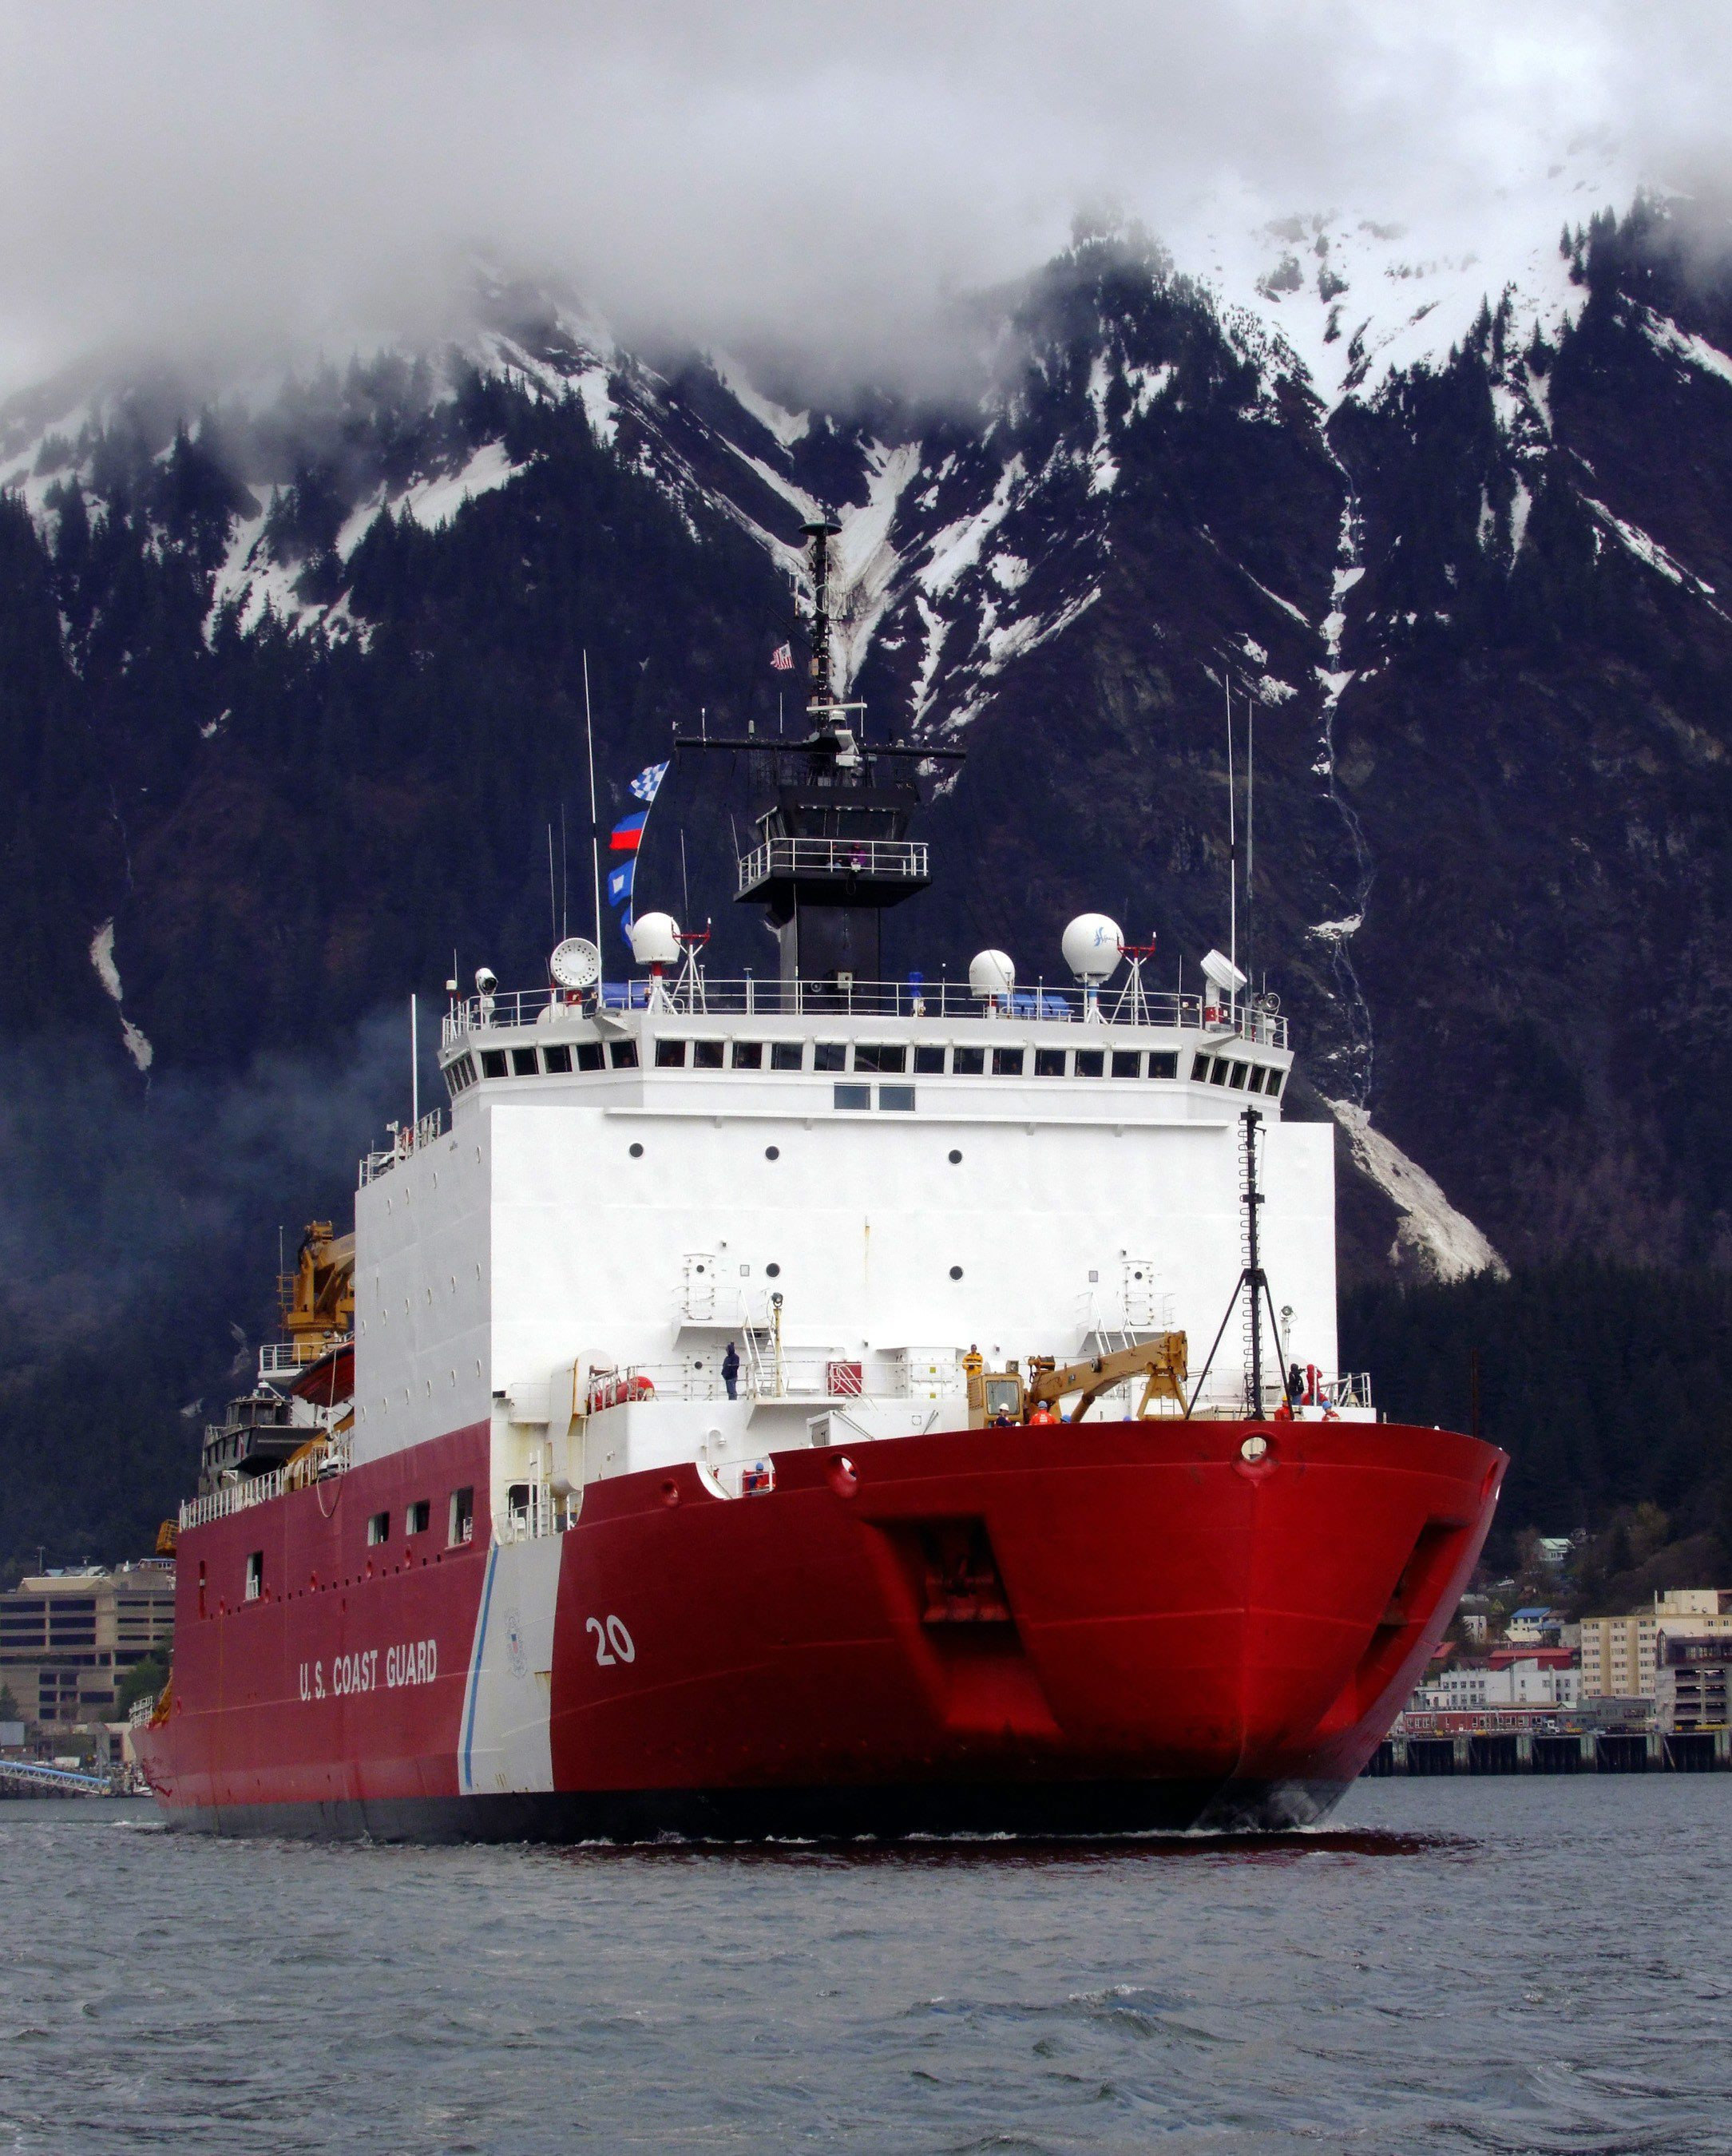 The U.S. Coast Guard Cutter Healy in Alaska in 2008. (AP)